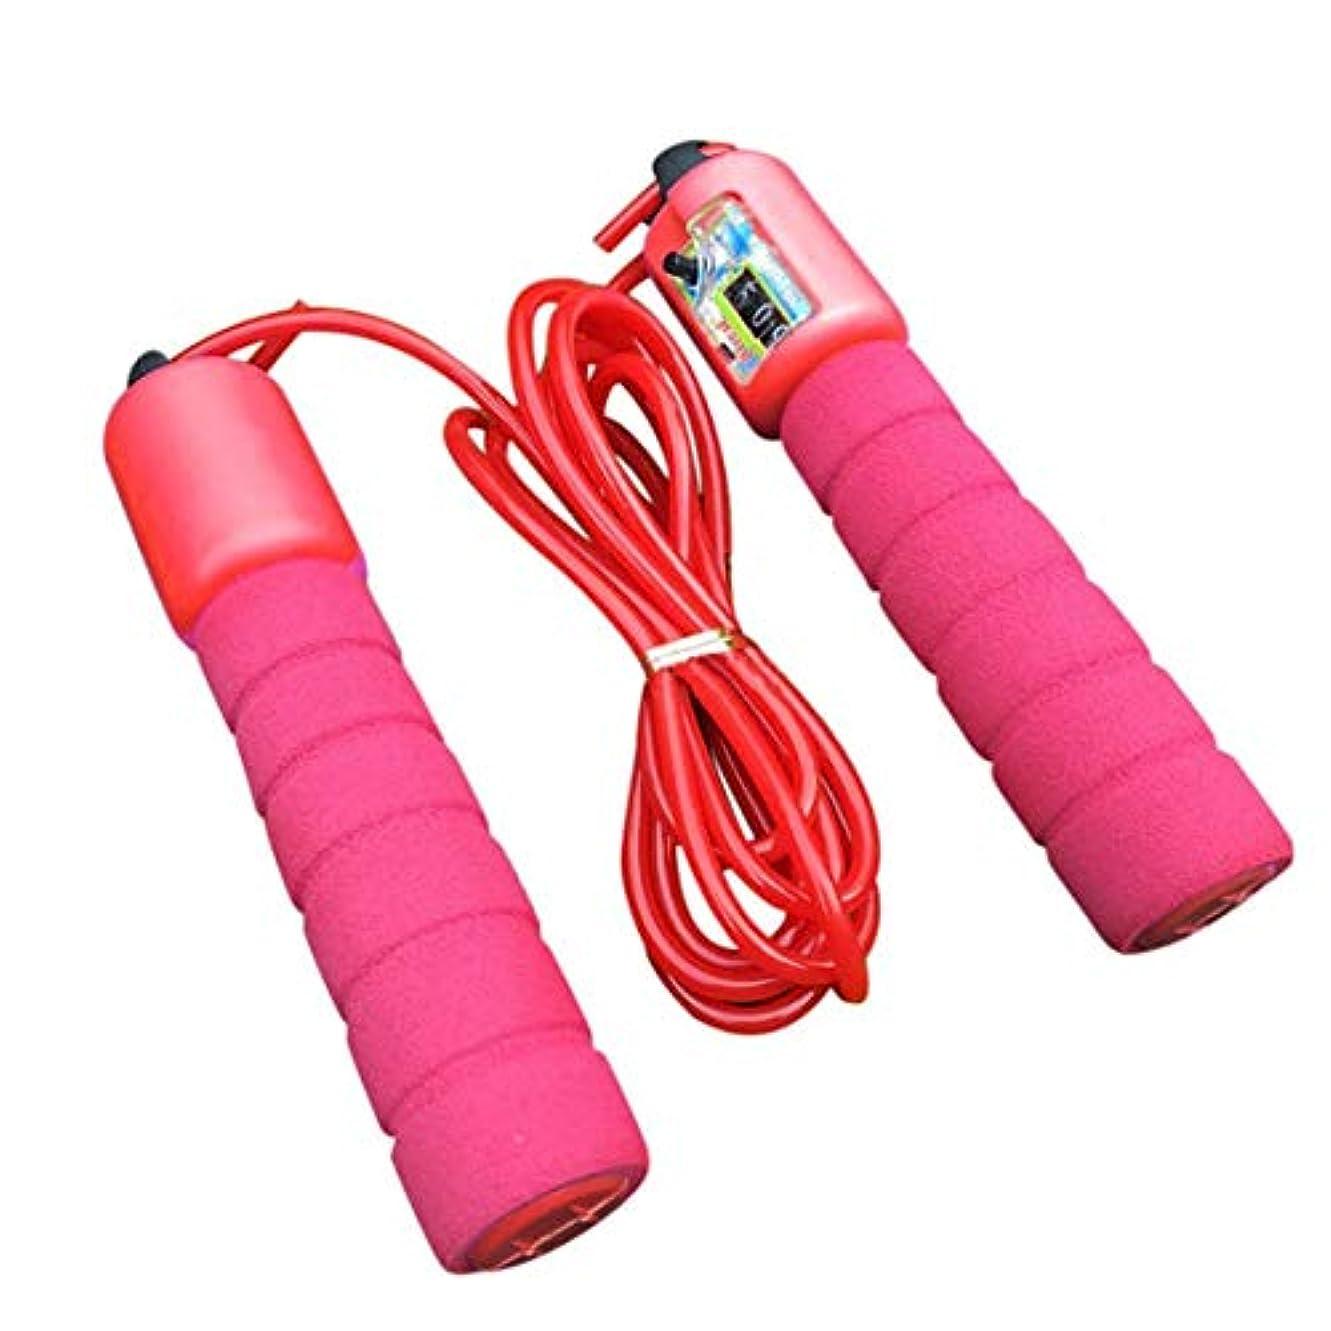 端モルヒネ休眠調整可能なプロフェッショナルカウント縄跳び自動カウントジャンプロープフィットネス運動高速カウントジャンプロープ - 赤